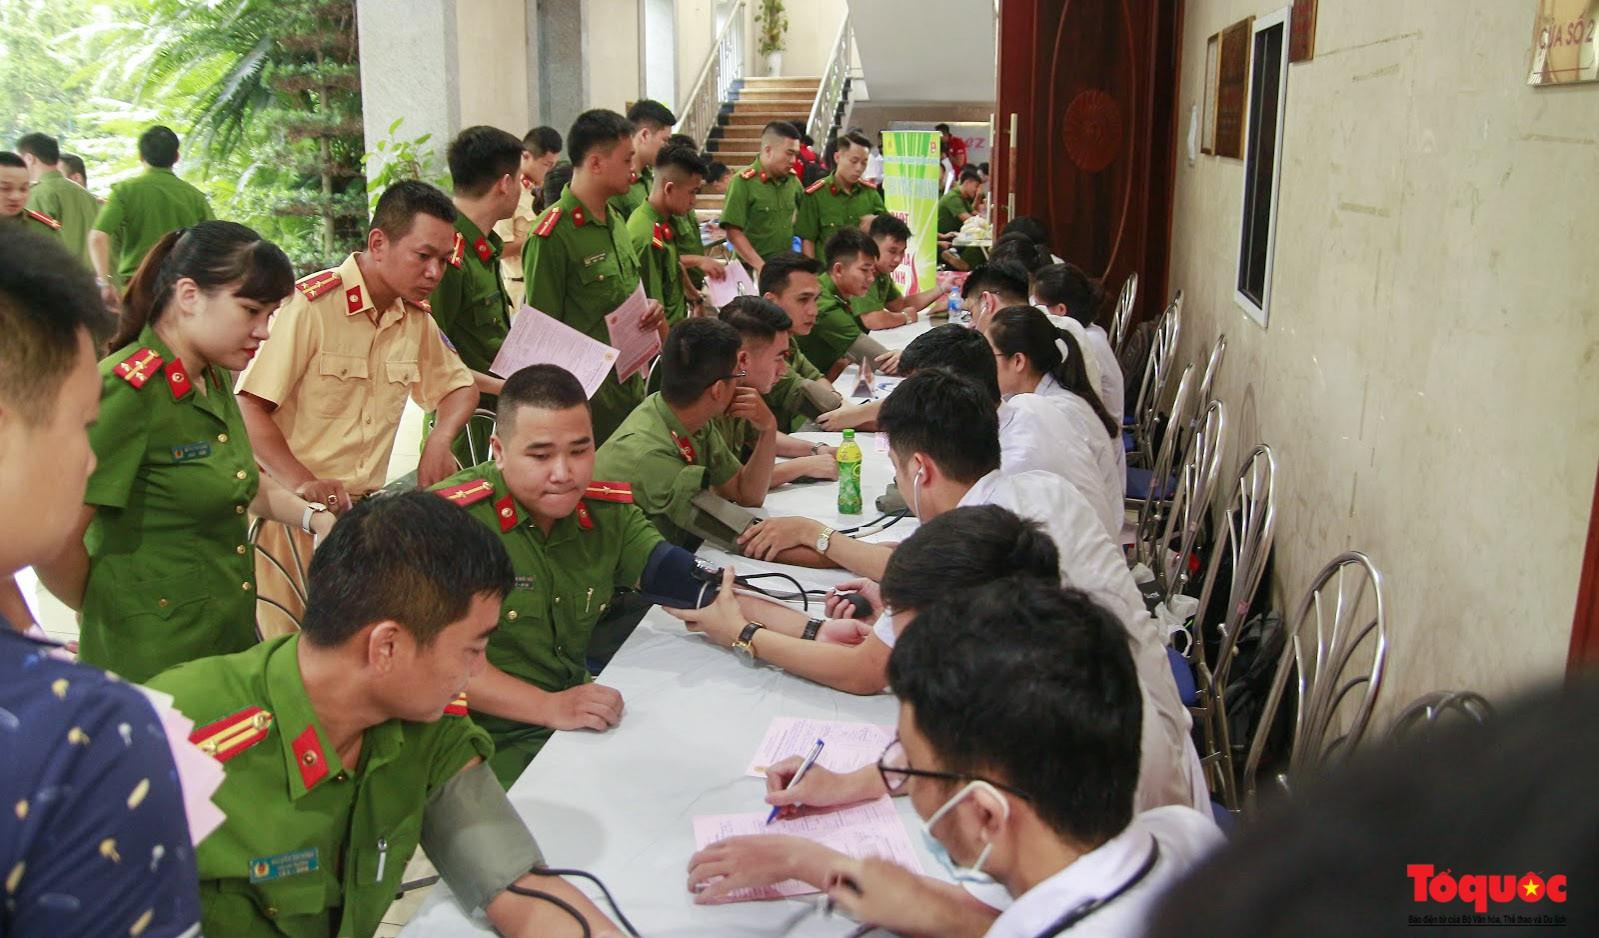 Cán bộ, chiến sỹ CATP Hà Nội hiến máu nghĩa tình vì đồng đội thân yêu (1)